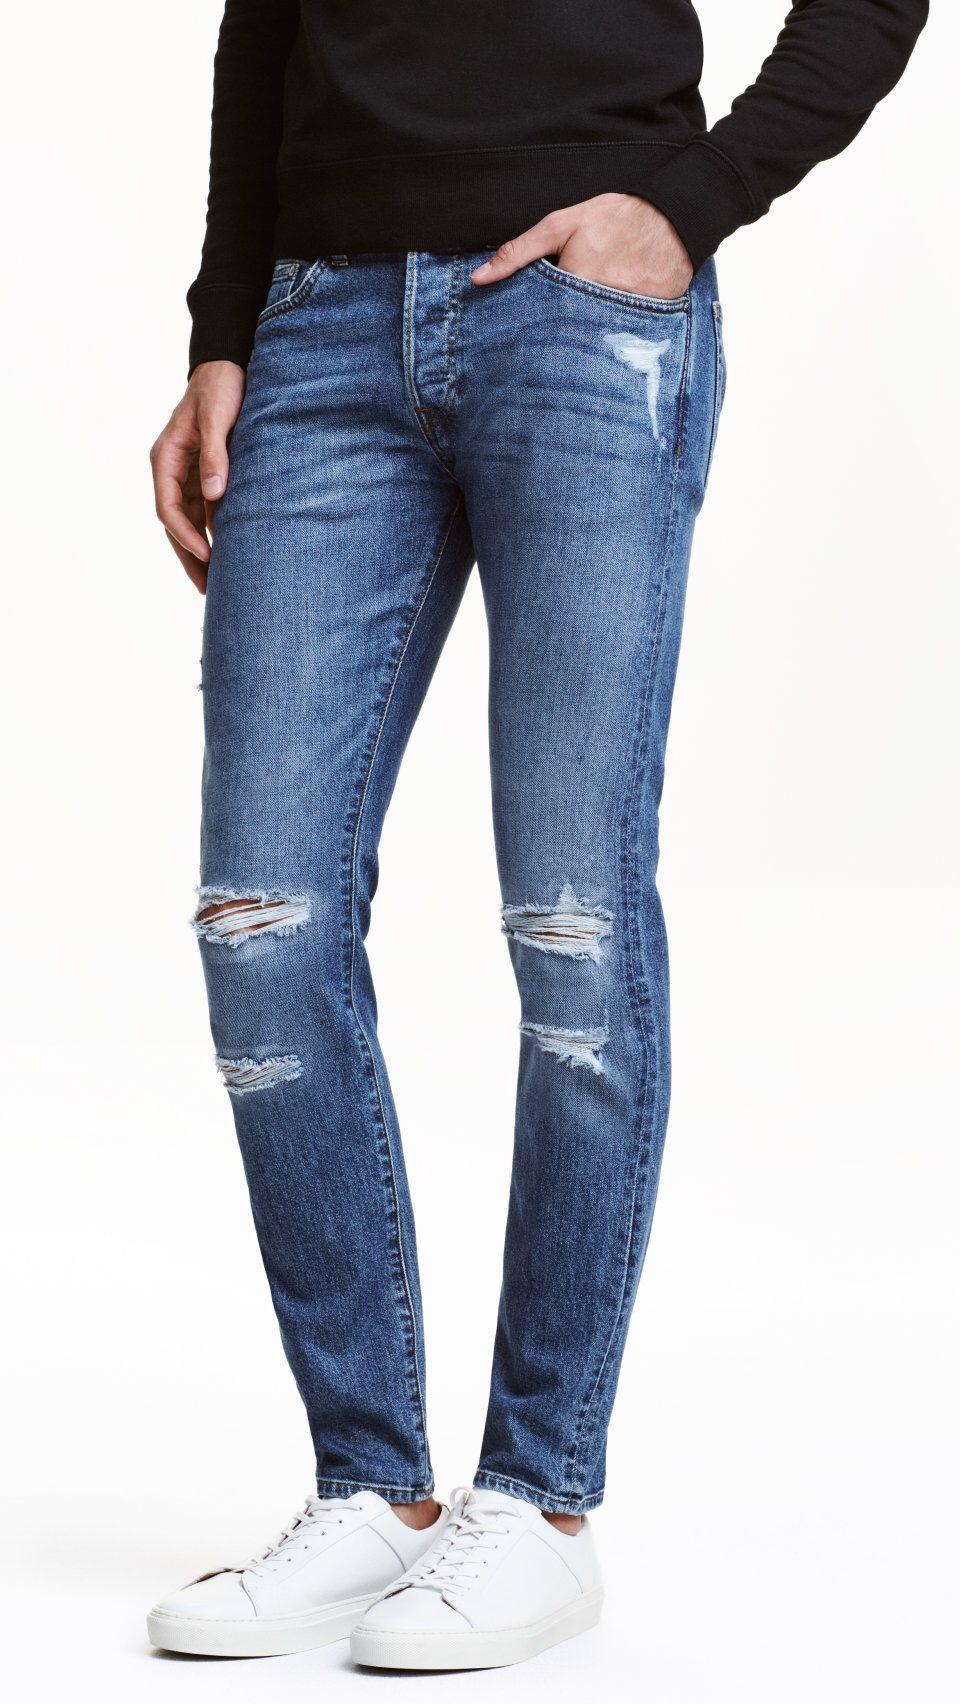 finest selection 14948 42de1 ... hot auch eine sehr coole jeans von hm aber mit etwas weniger  elastananteil.ich trage ...